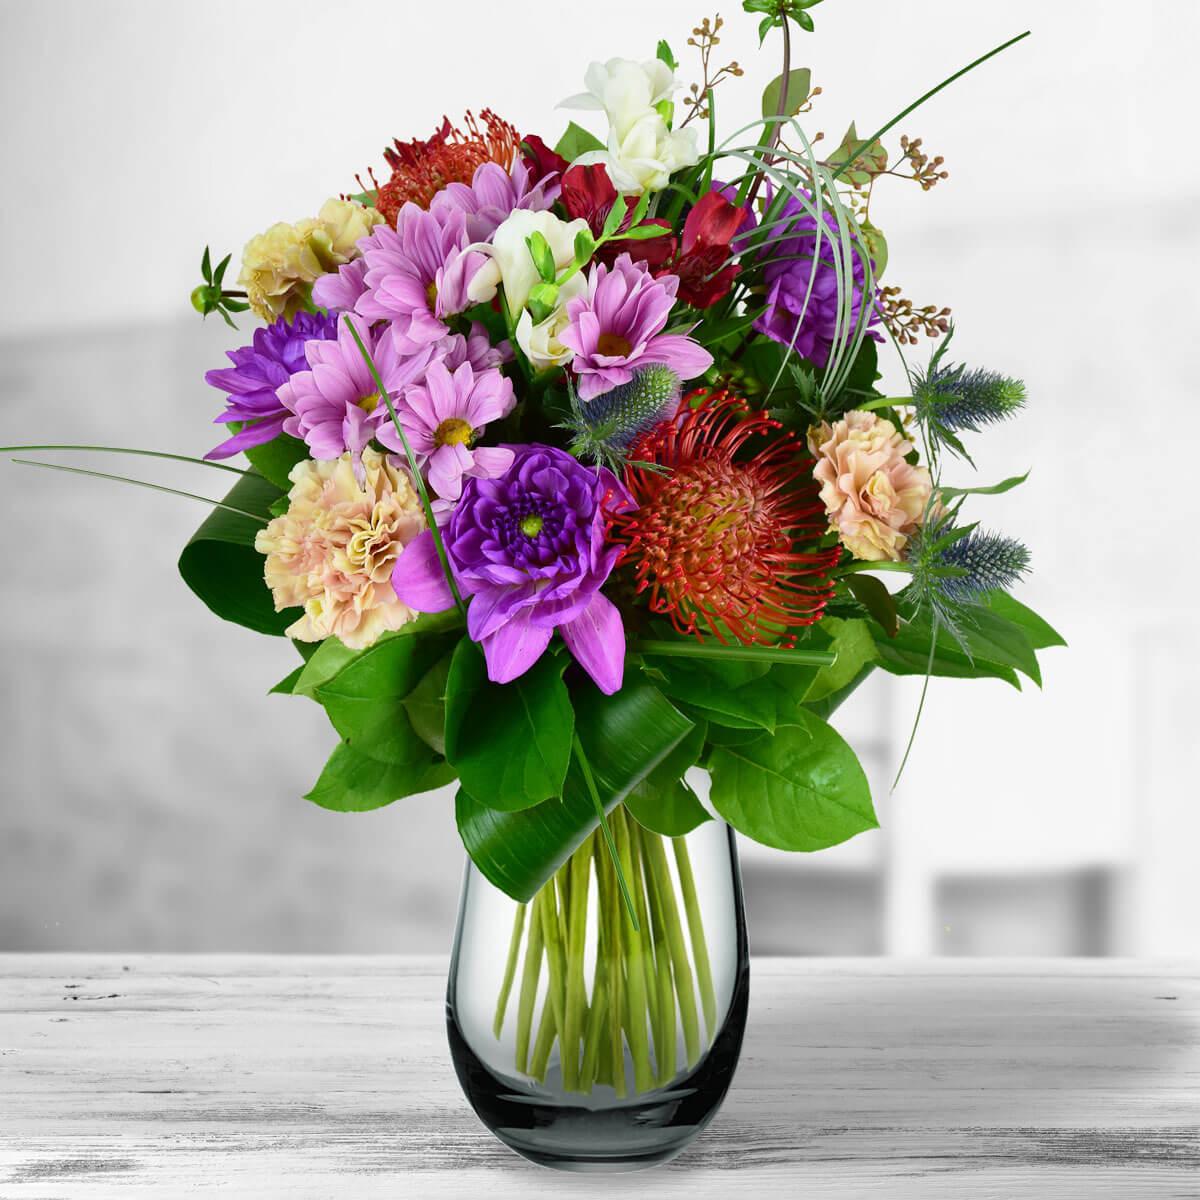 Где купить в Харькове цветы родителям с услугой доставка цветов?